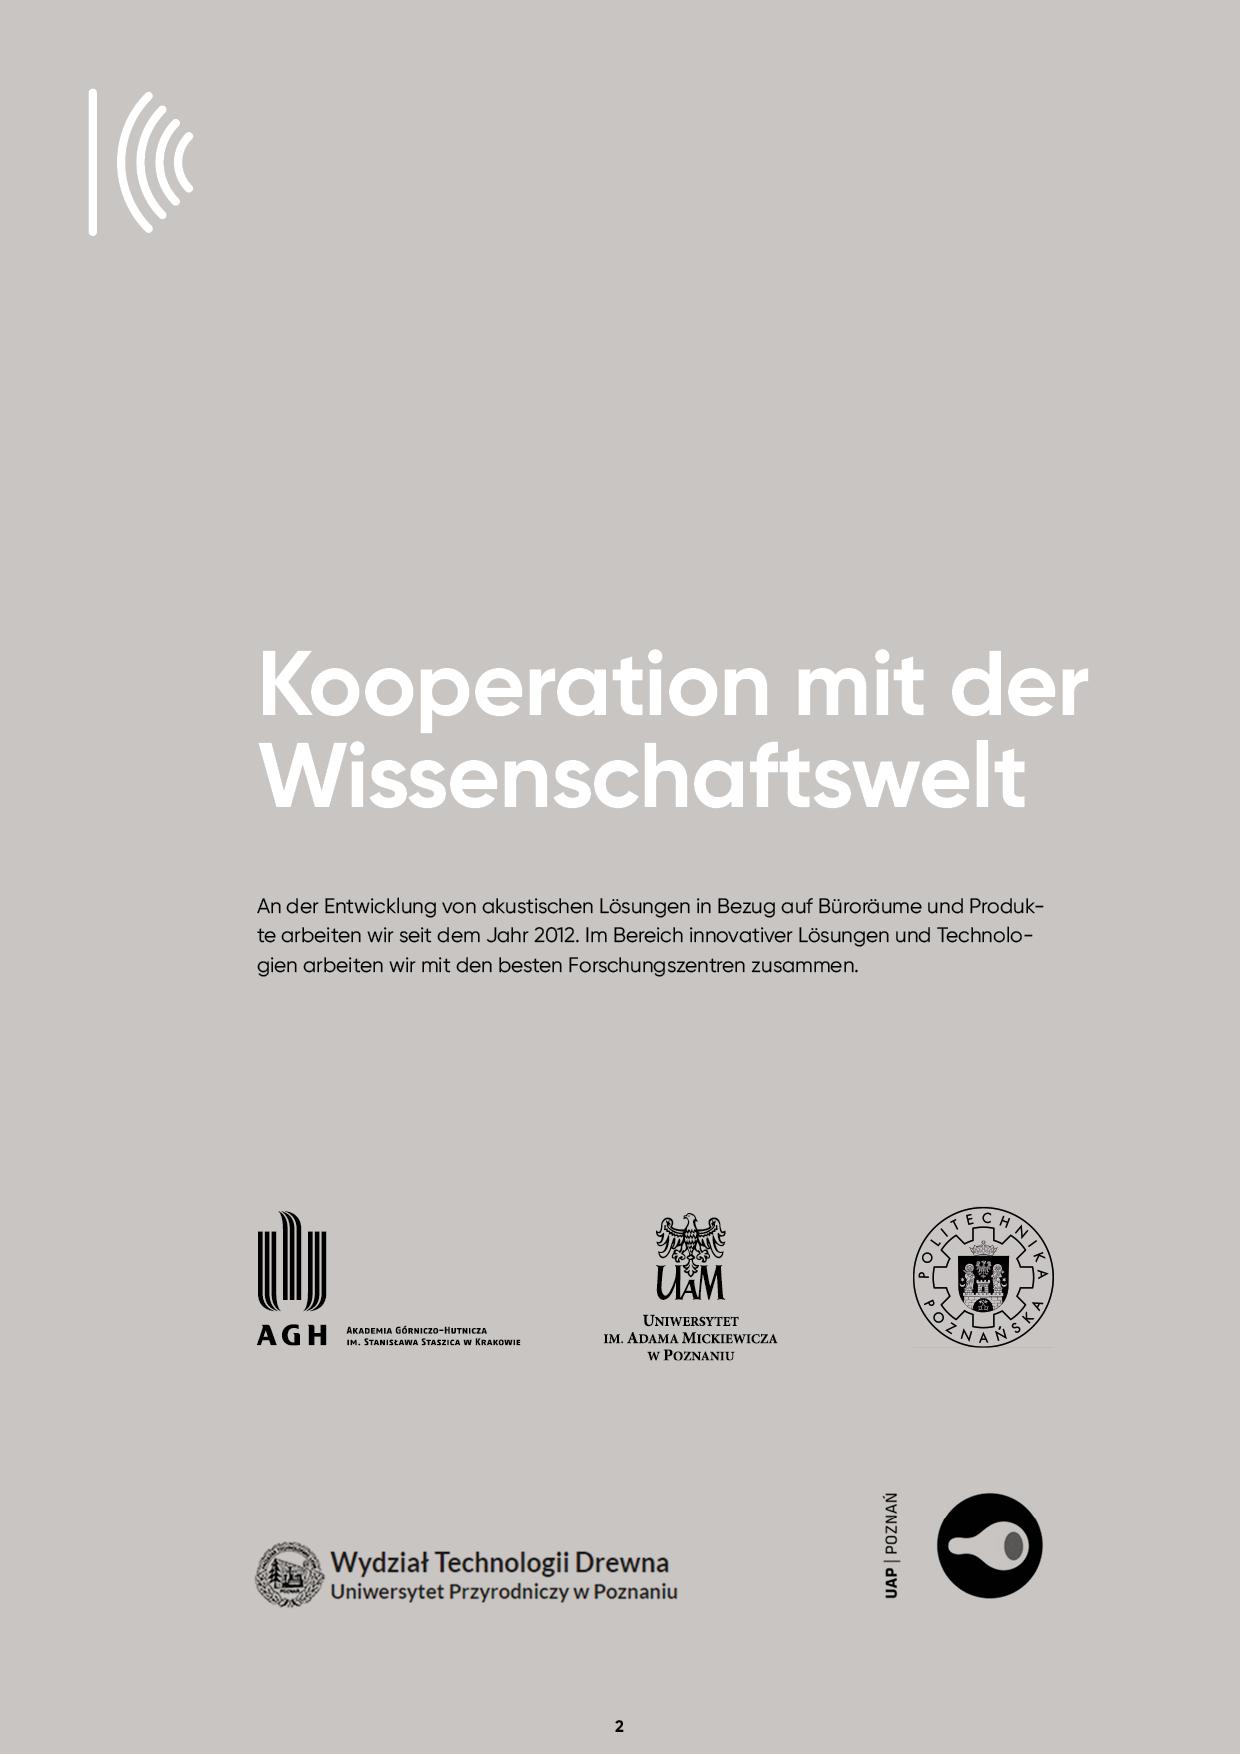 broszura-akustyczna-th-de-2.jpg